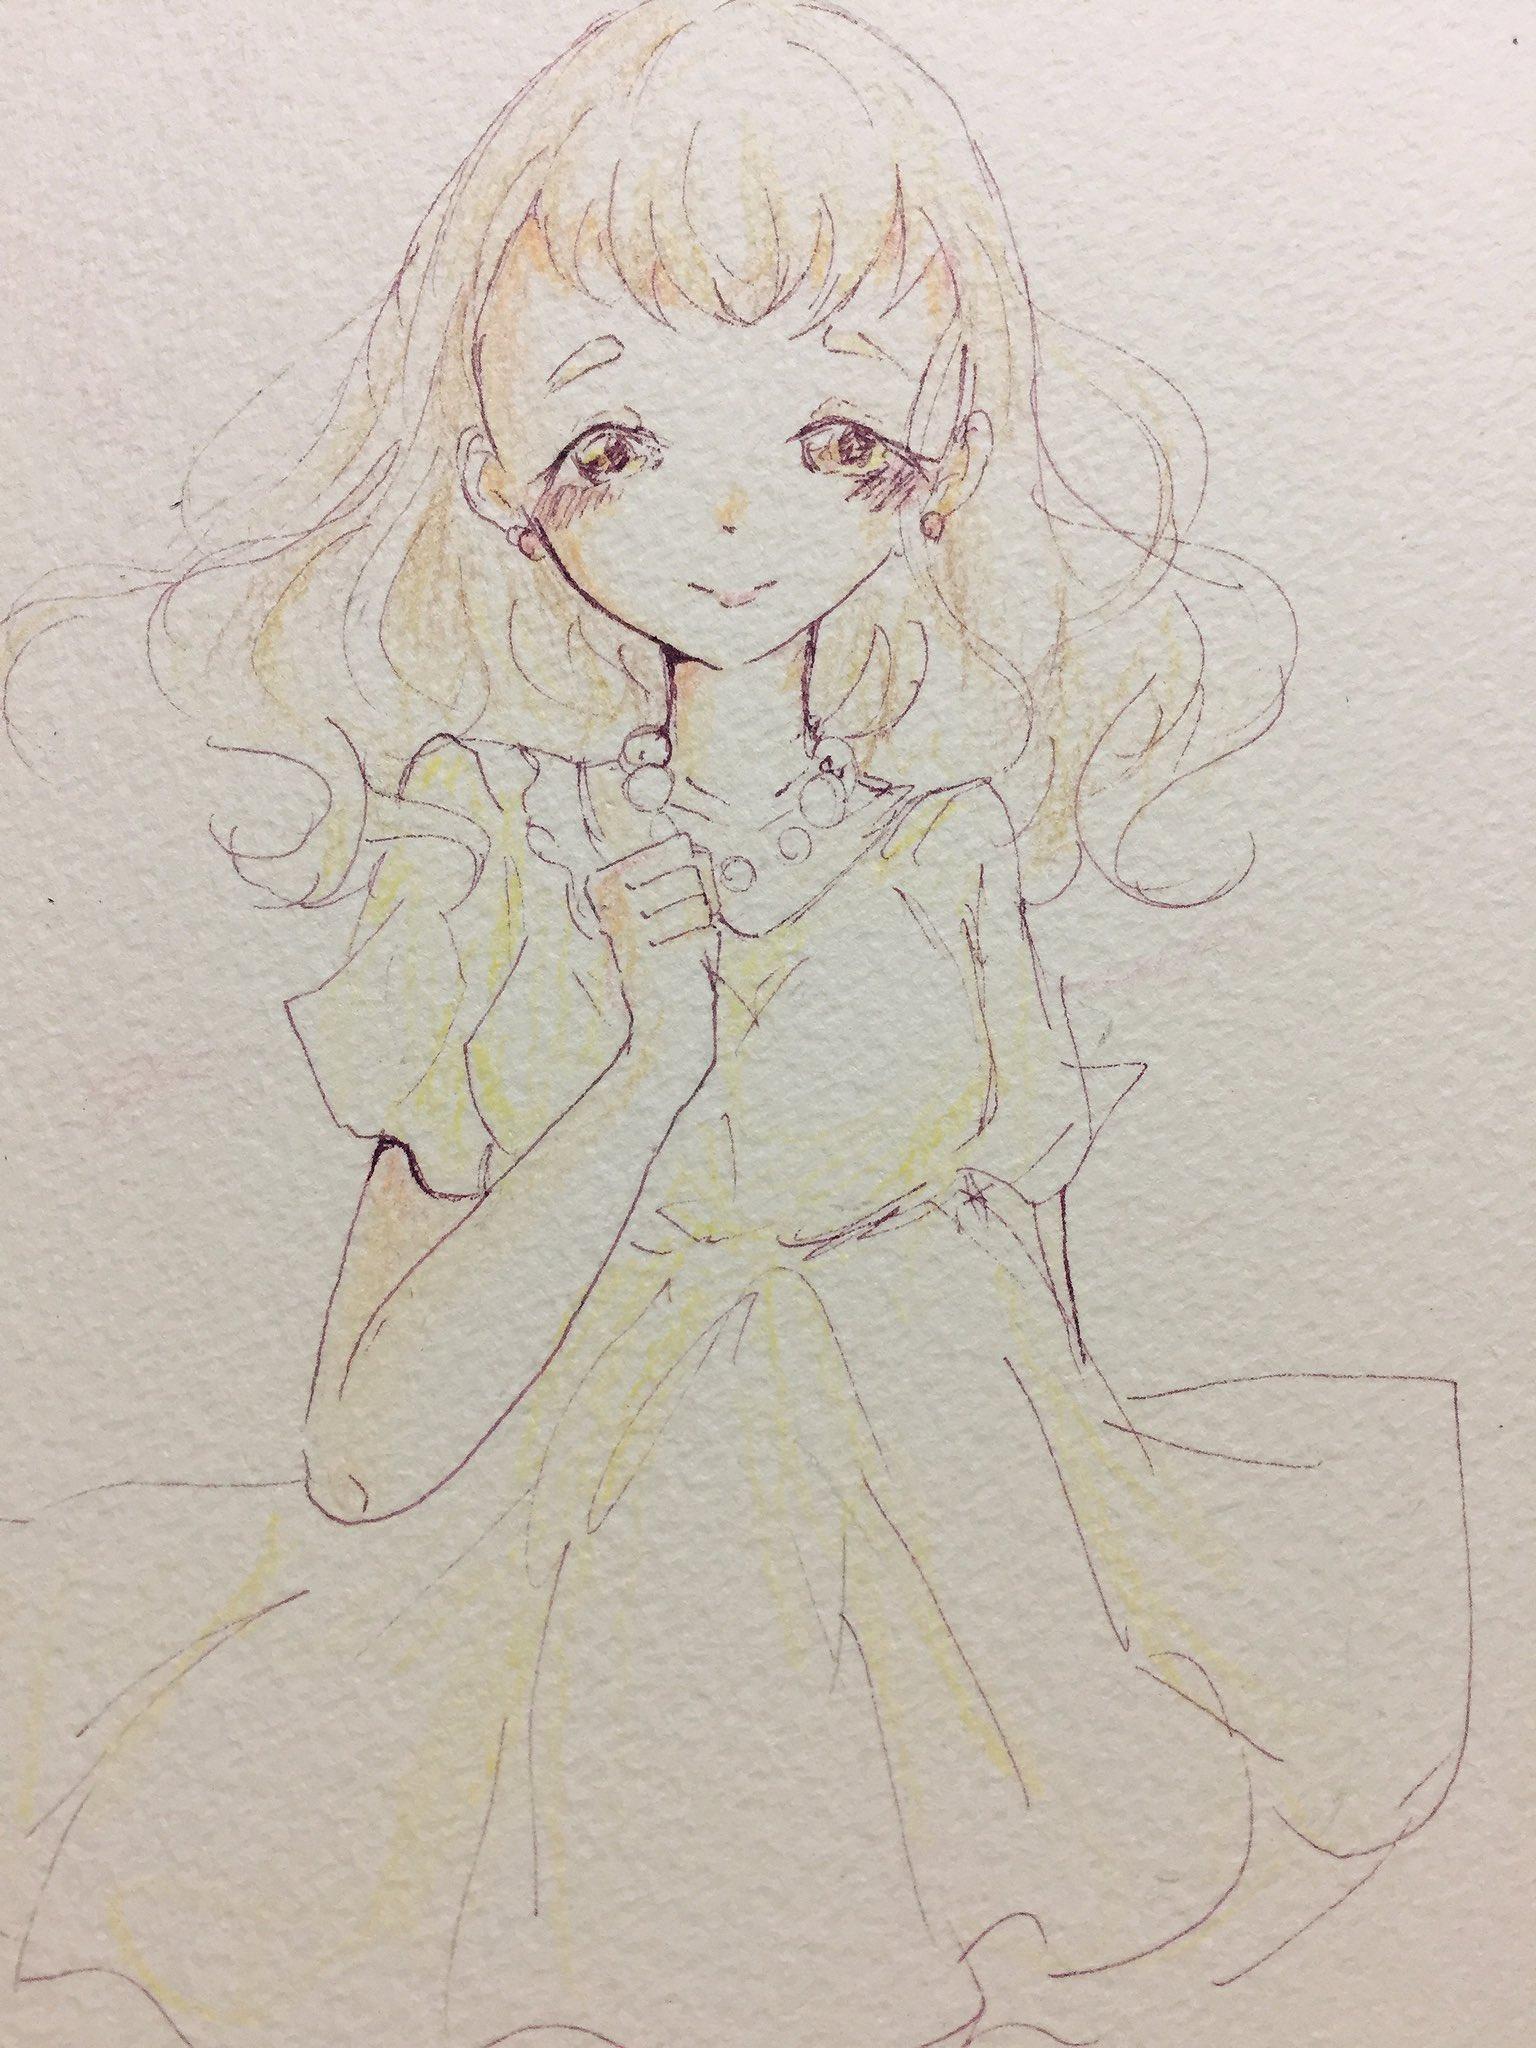 くまくら/プリキュア(あおひま) (@KumakuraCo)さんのイラスト